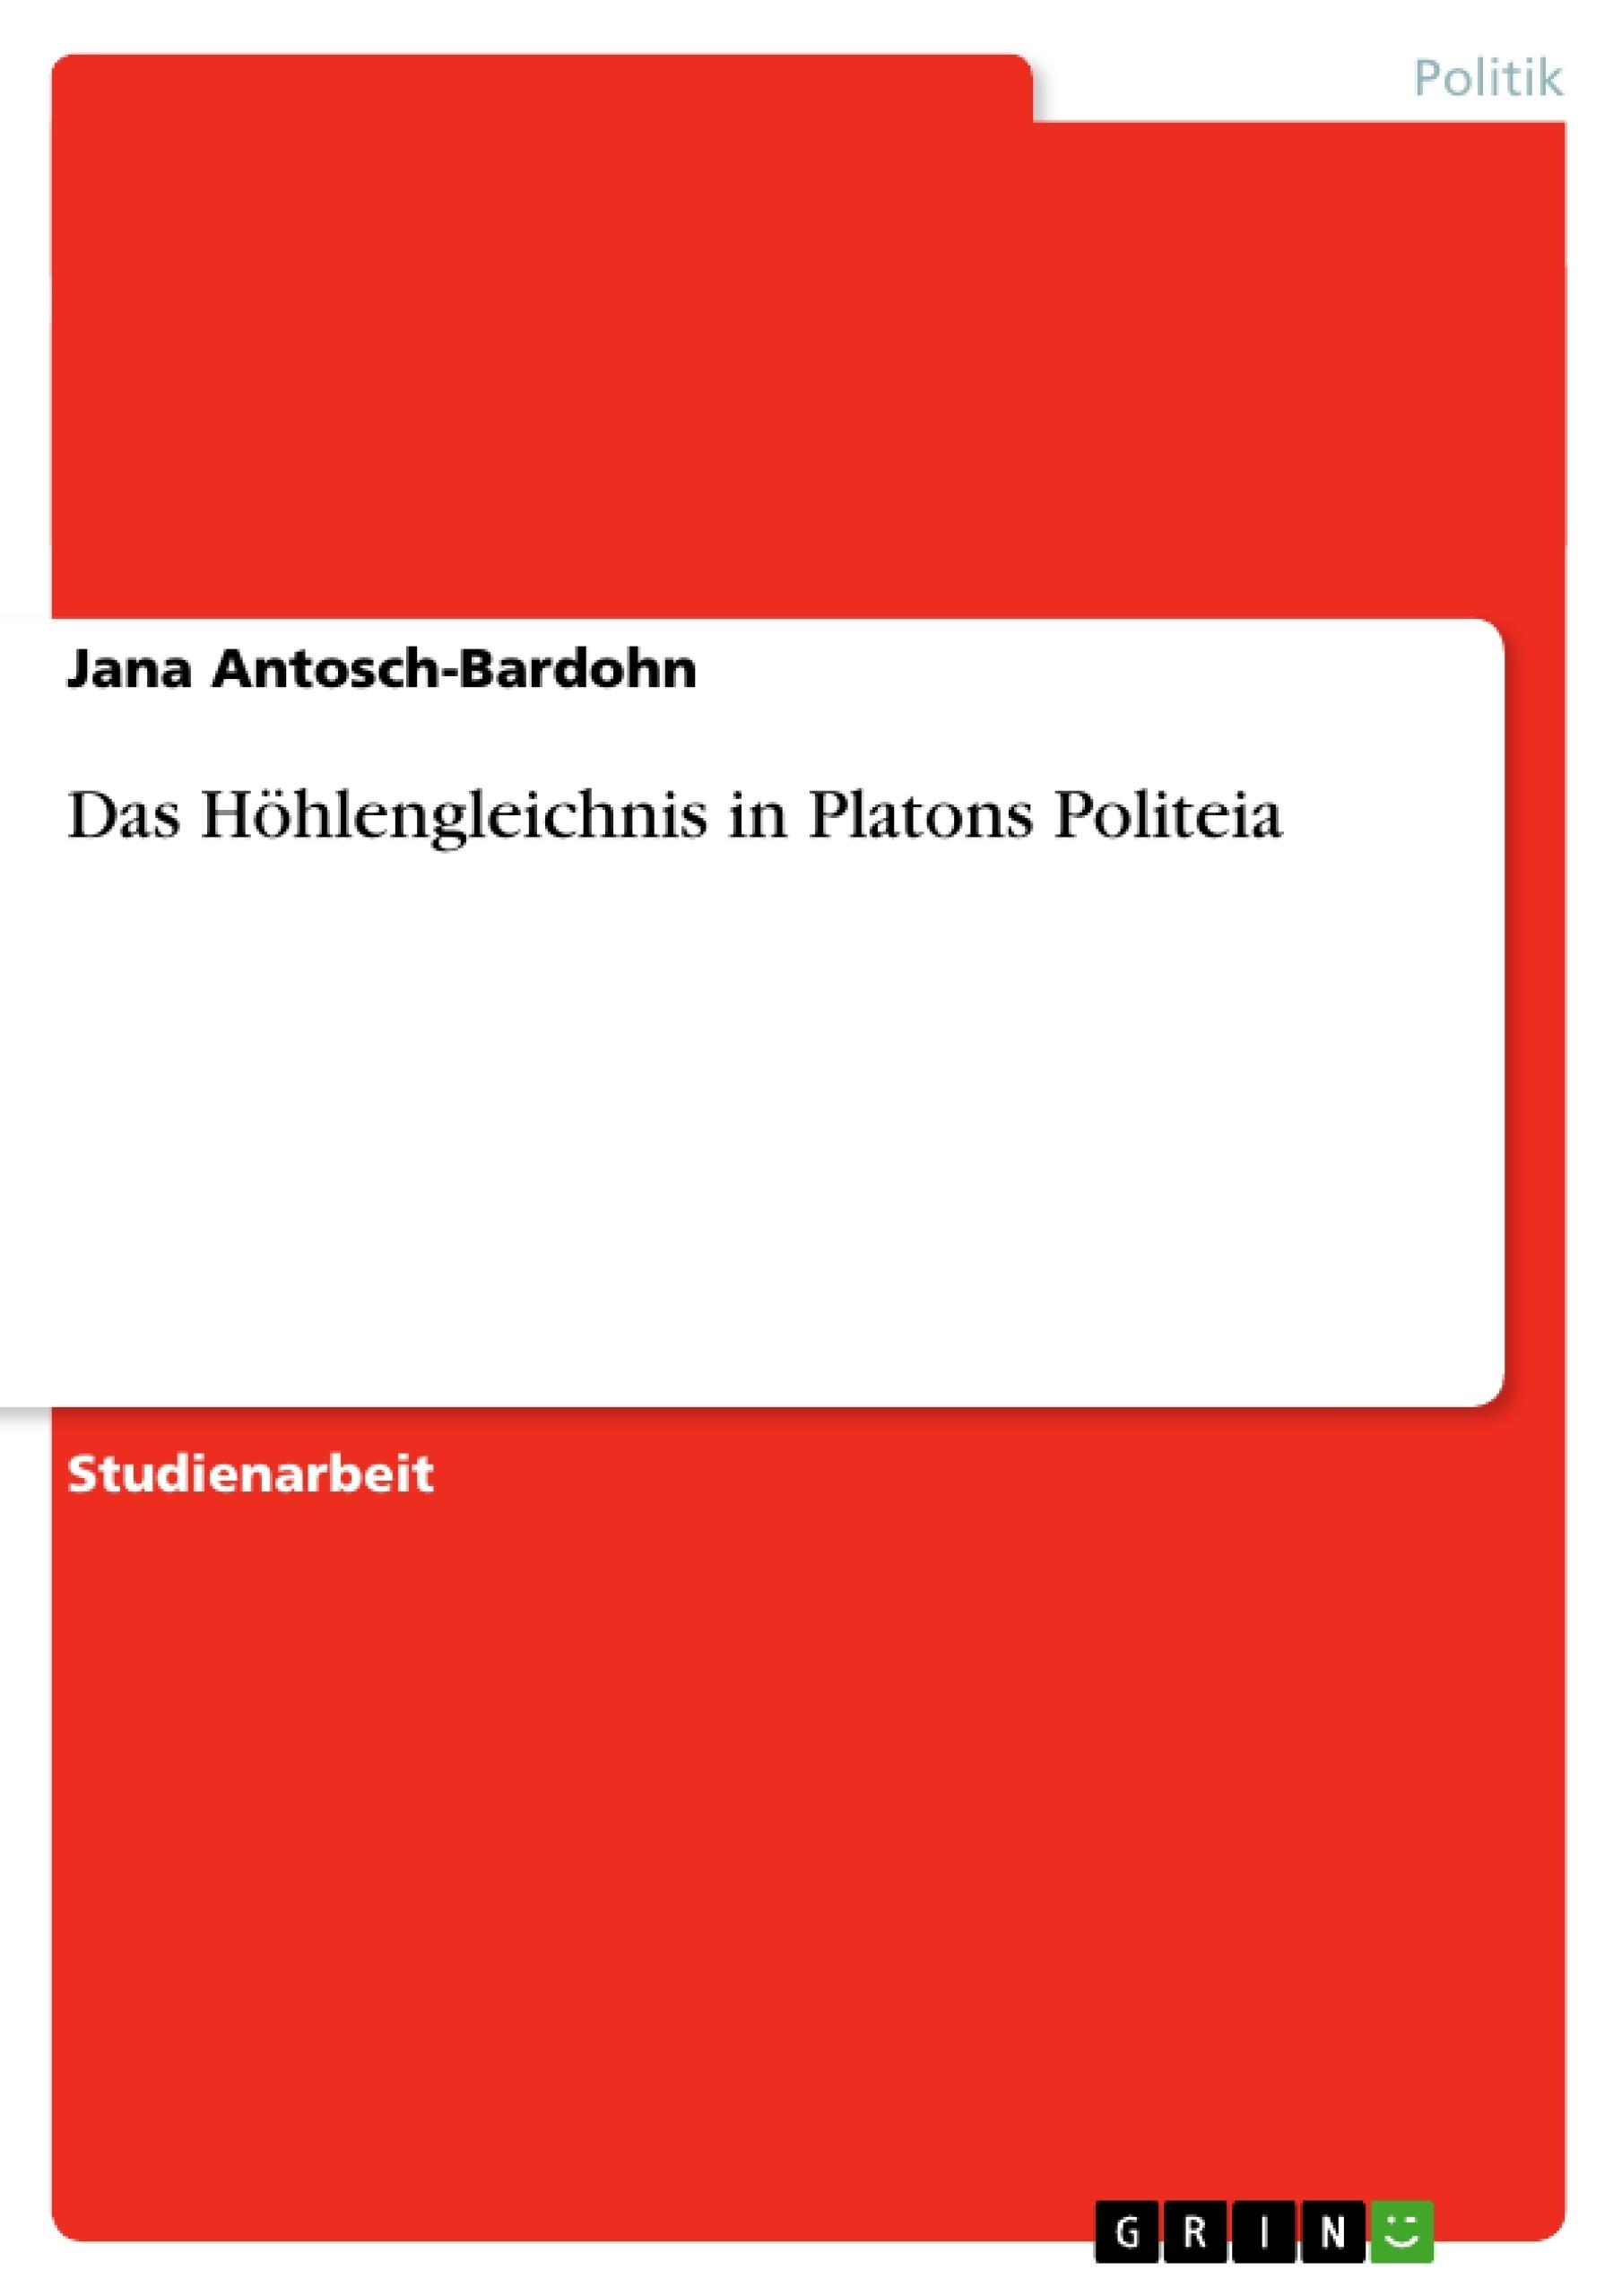 Titel: Das Höhlengleichnis in Platons Politeia